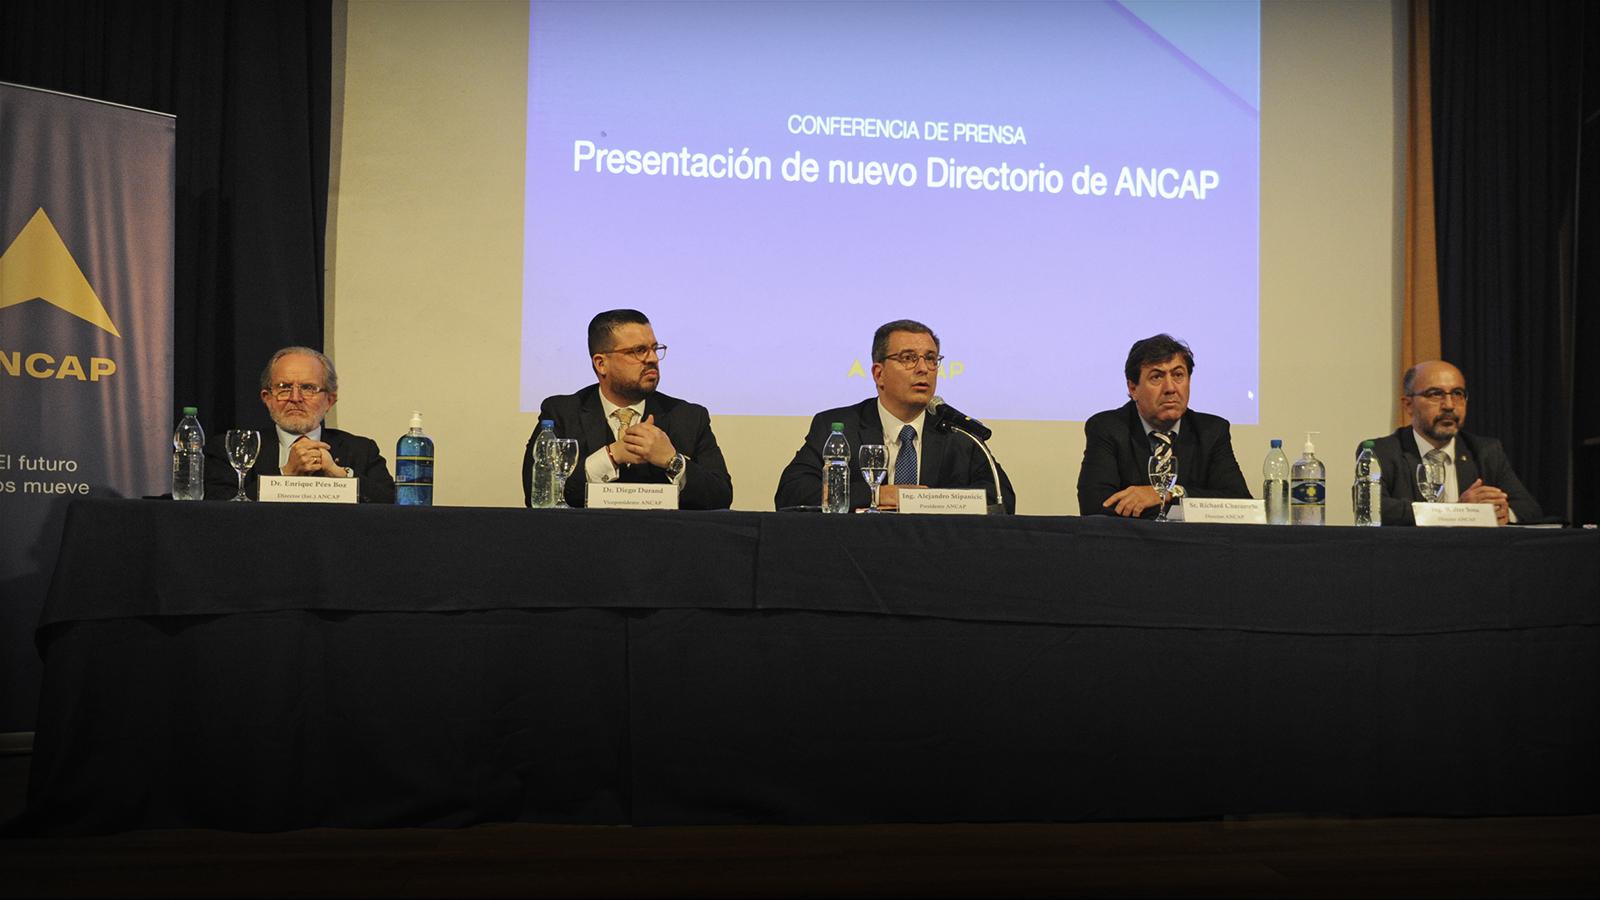 Nuevo Directorio De ANCAP